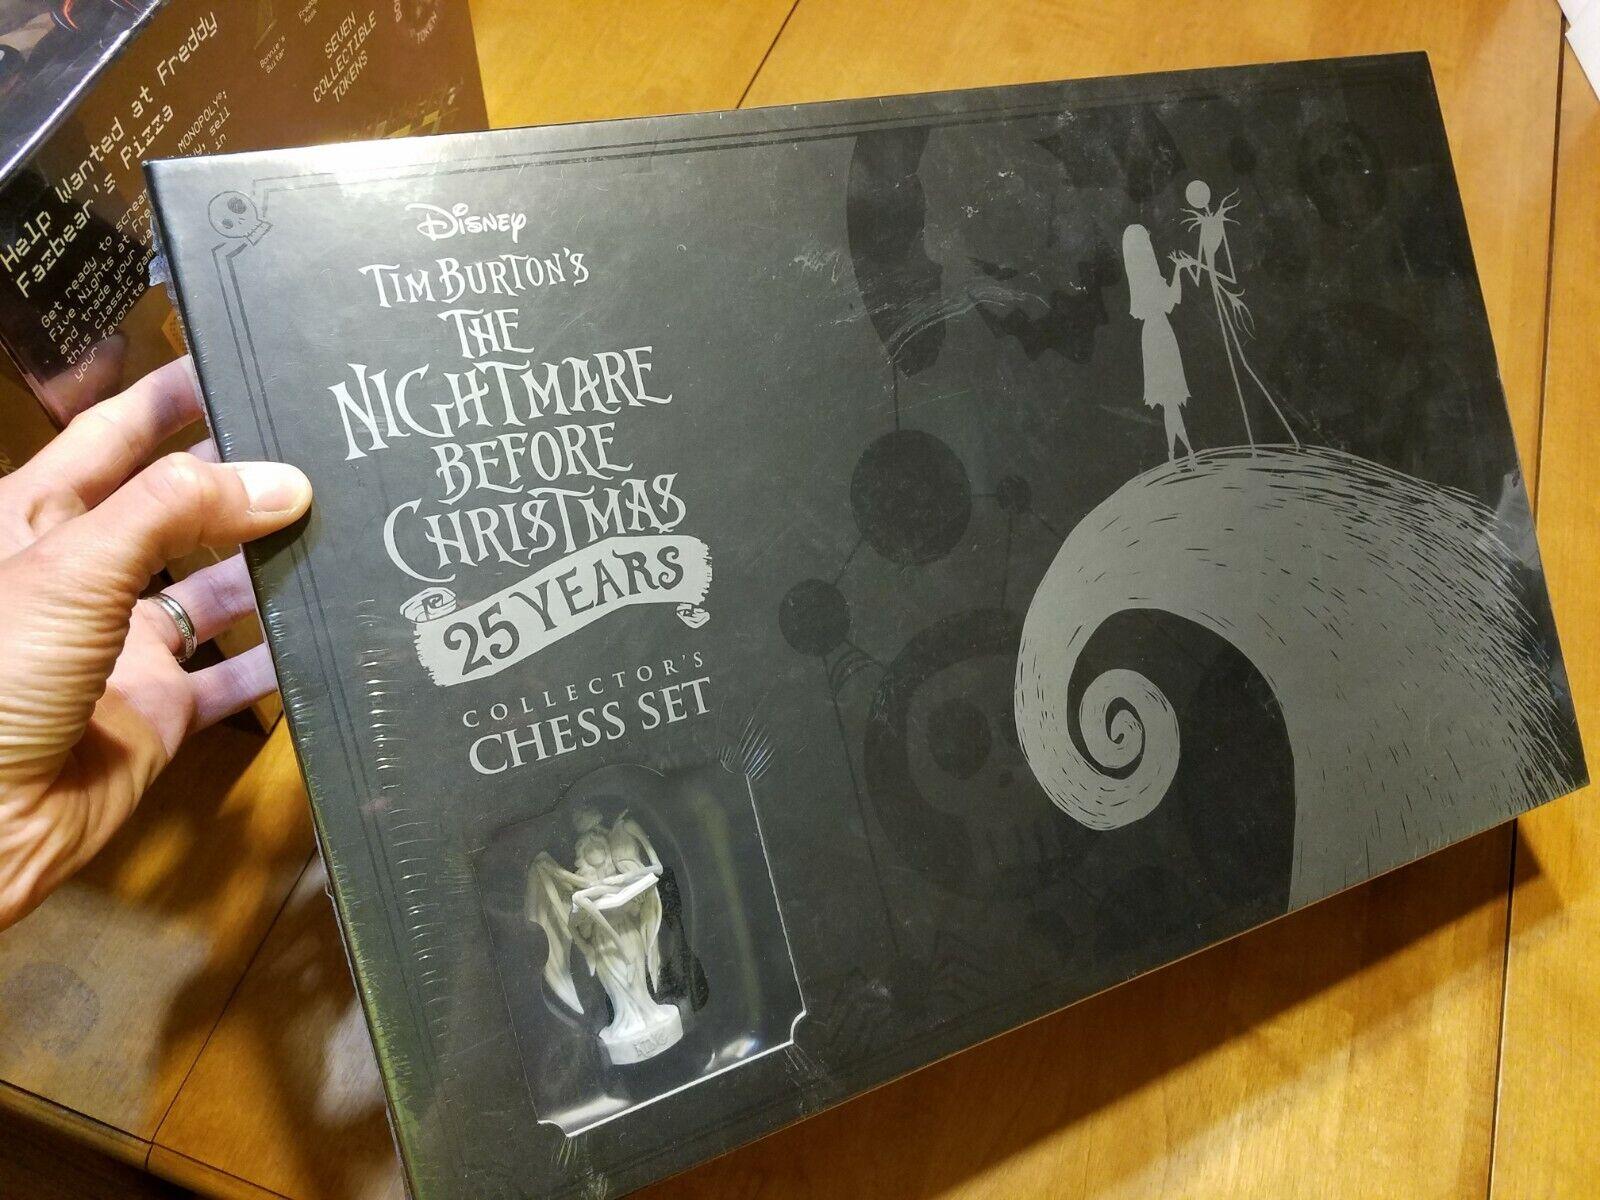 The Nightmare Before Christmas 25 Years gioco tavola  Collector's Chess Set  100% nuovo di zecca con qualità originale